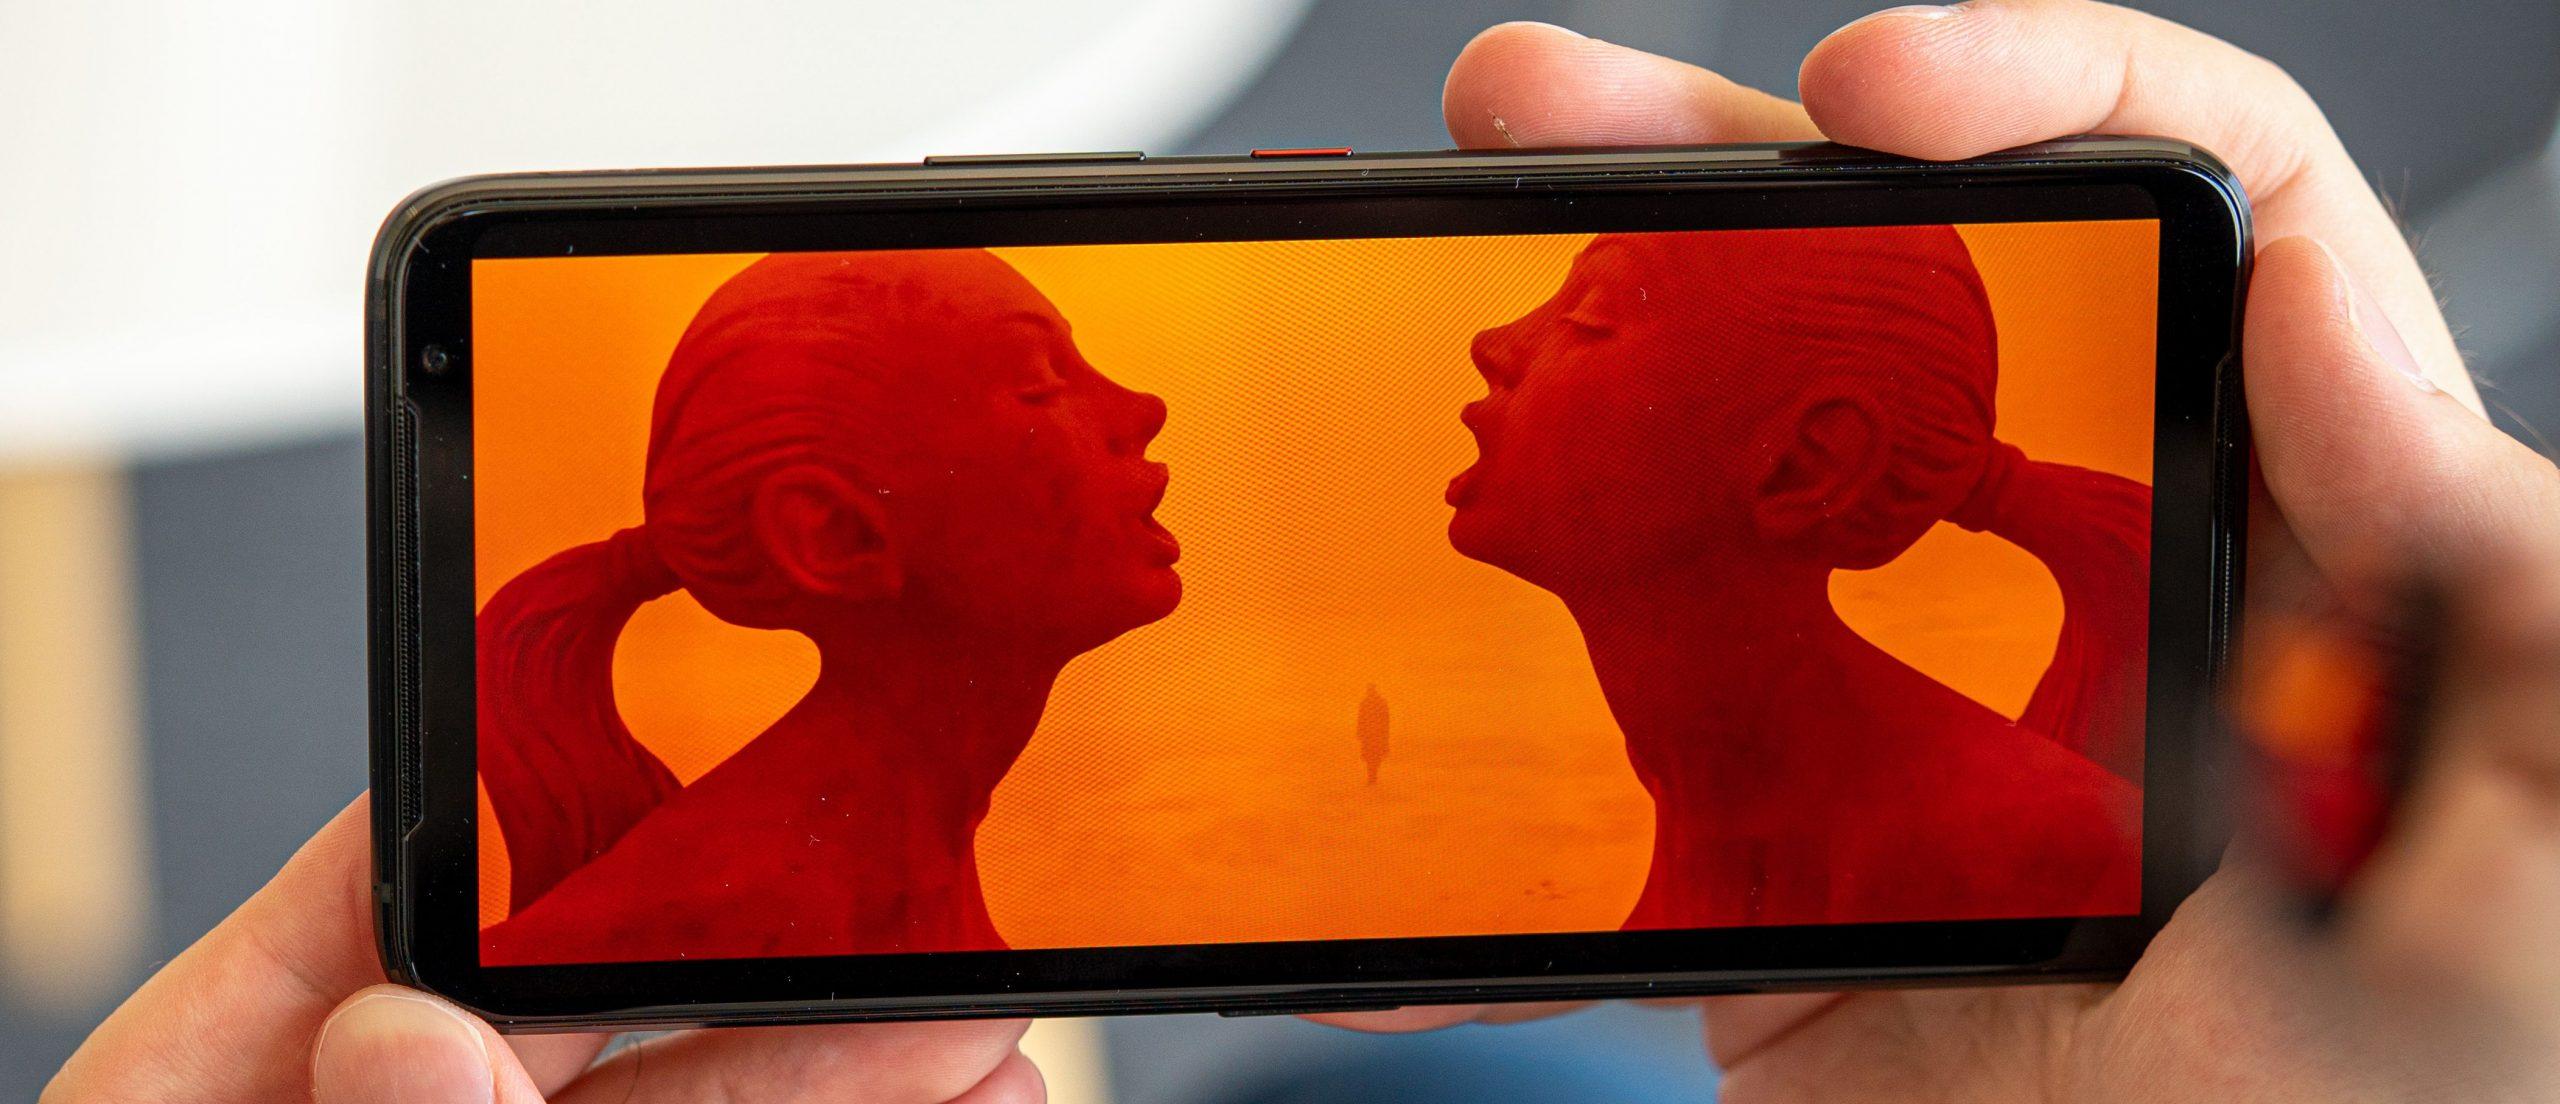 گوشی راگ فون 3 یک حالت مخفی 160 هرتز برای نمایشگر دارد